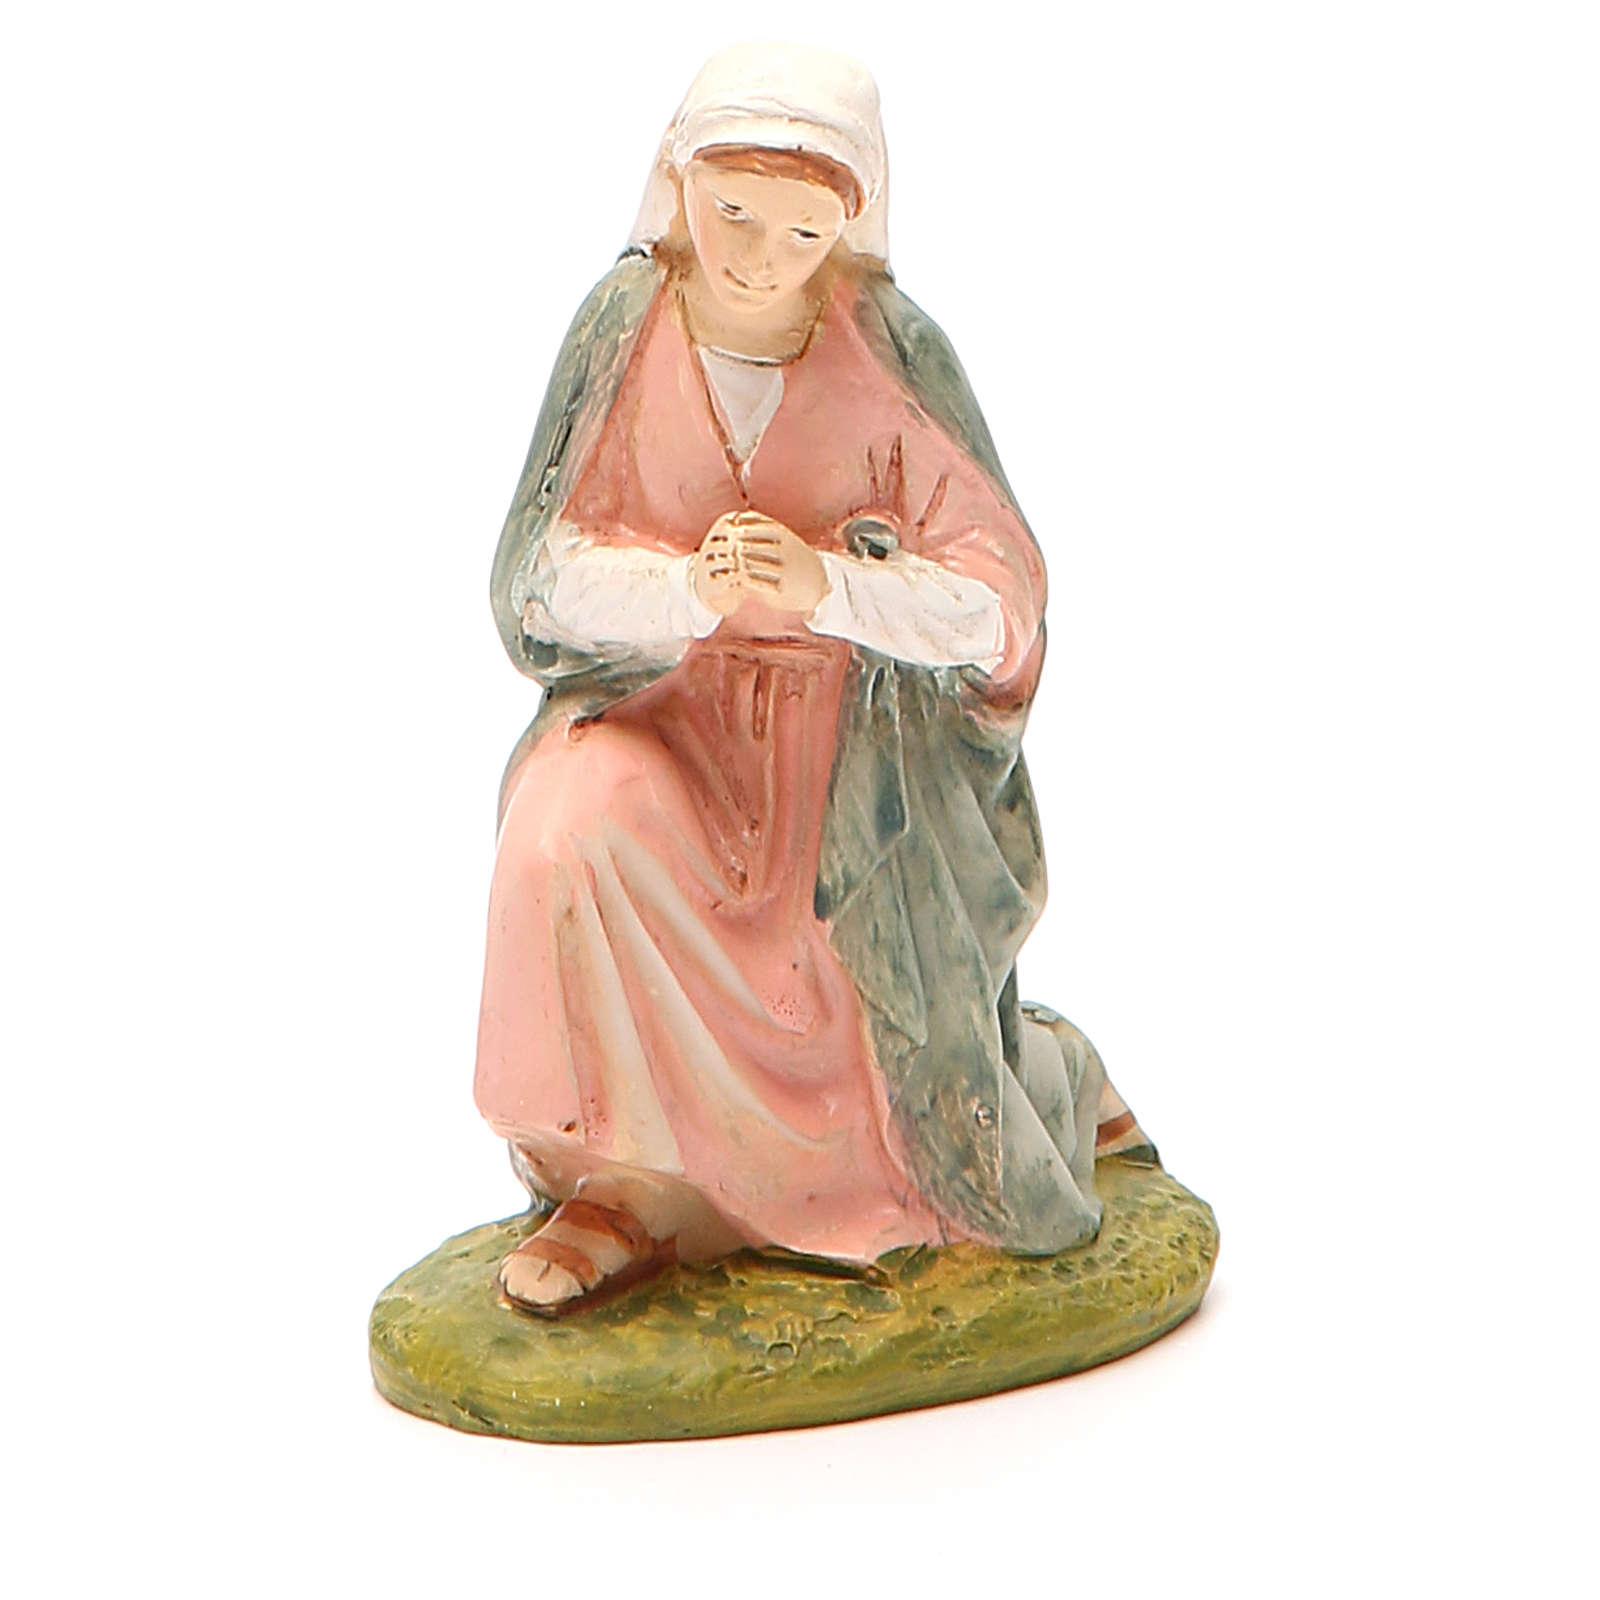 Sainte Vierge en résine peinte pour crèche 10 cm gamme M. Landi 3